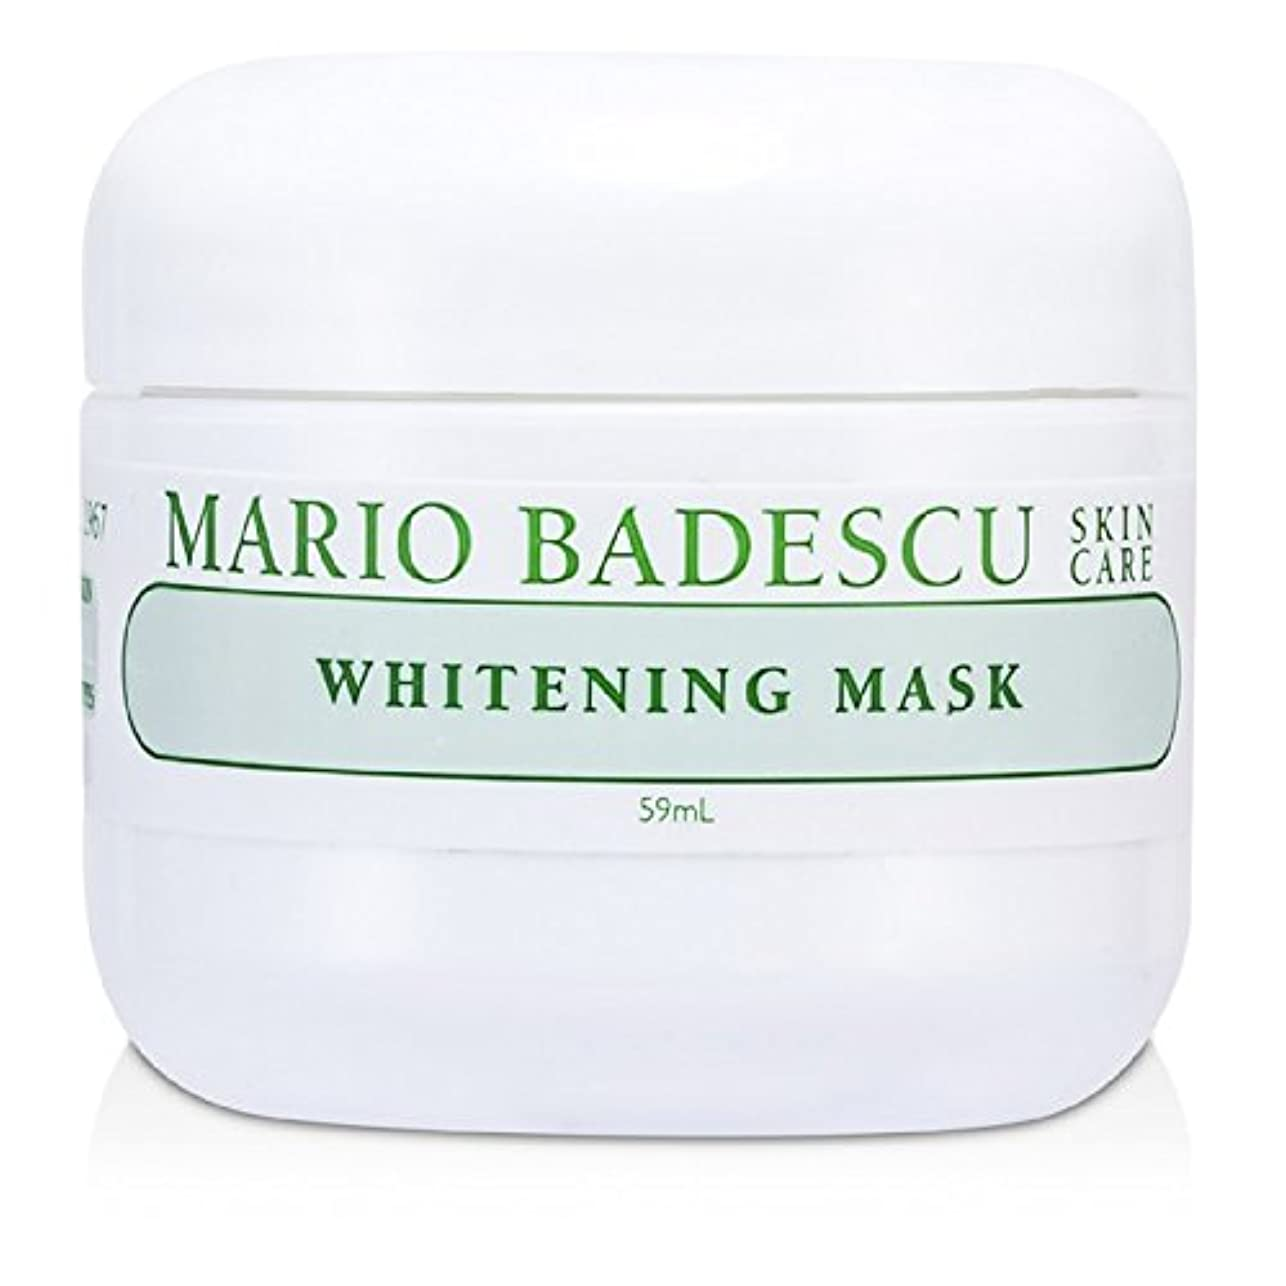 マウンド硫黄気まぐれなマリオ バデスク ホワイトニング マスク 59ml/2oz並行輸入品